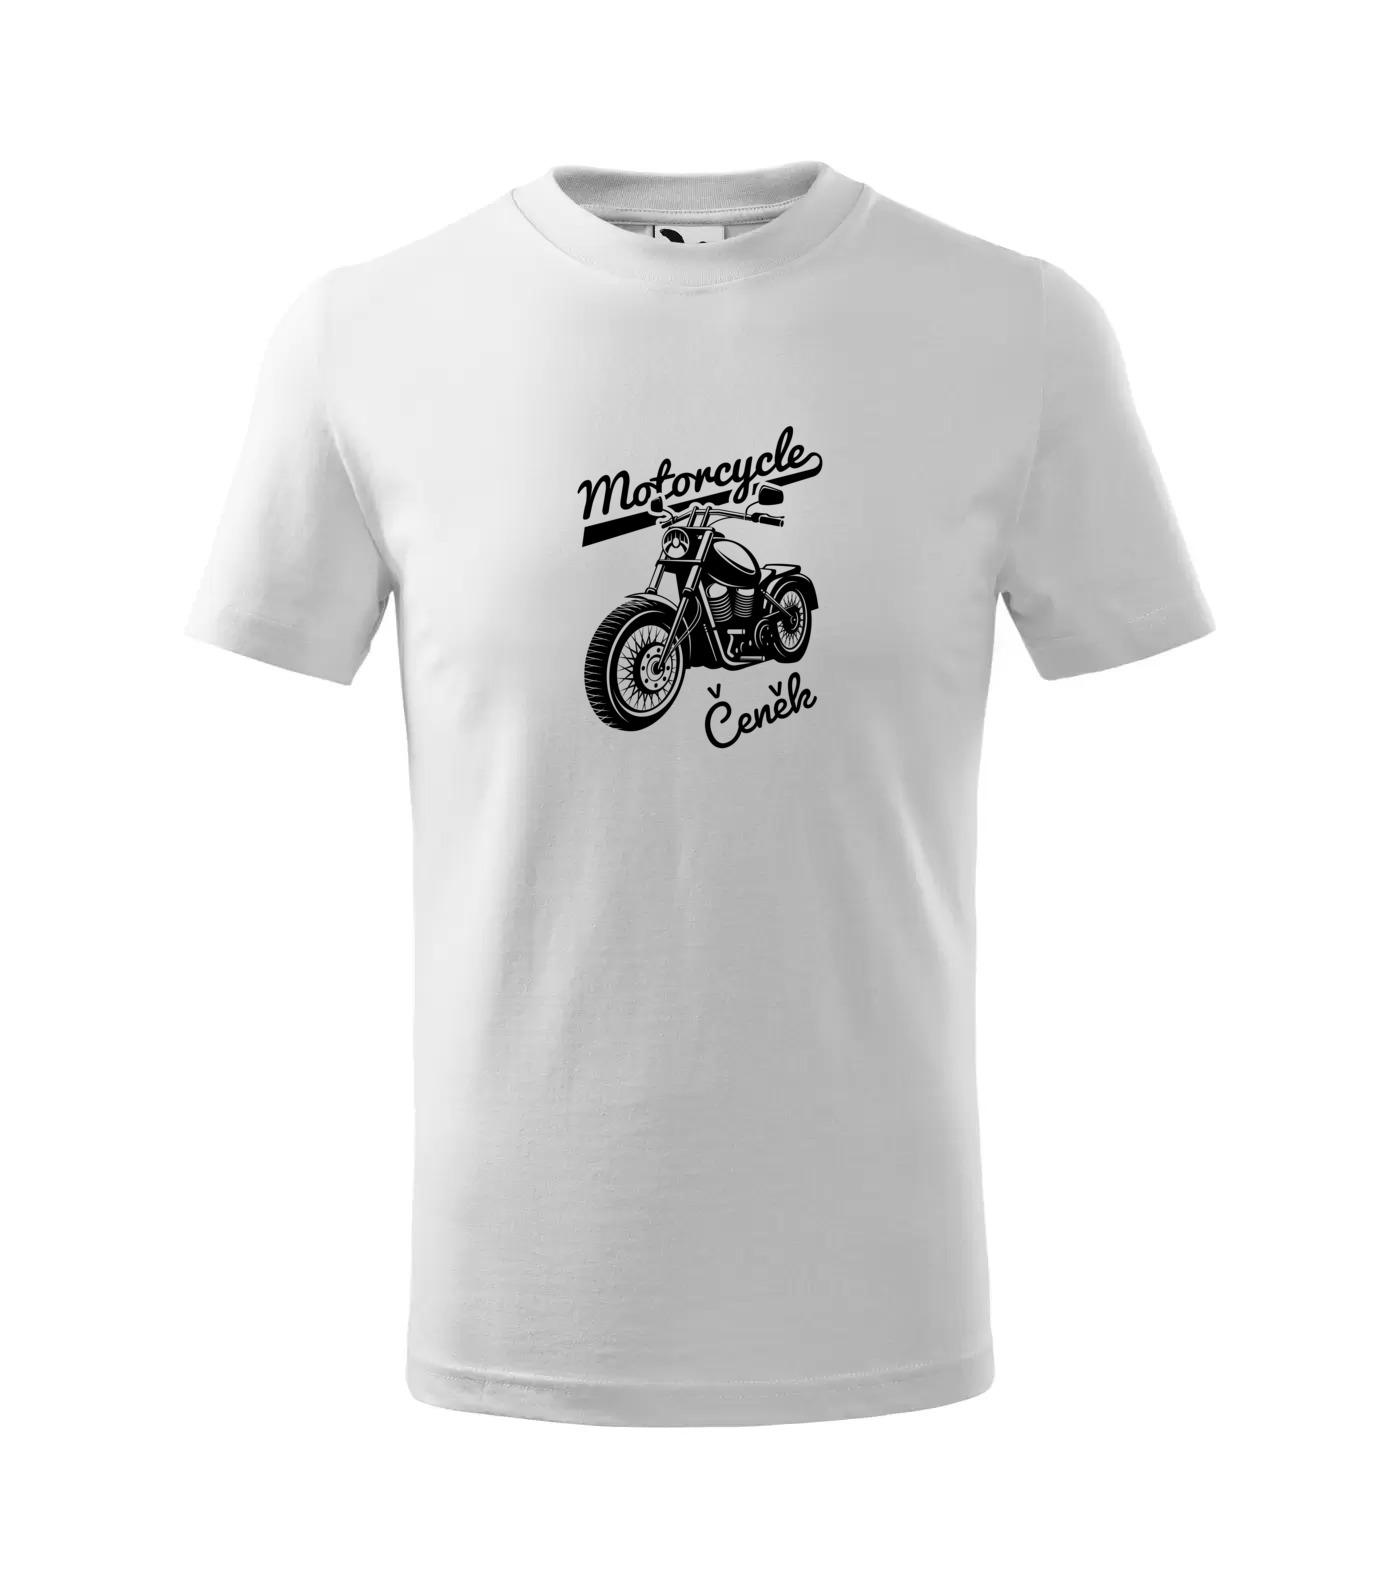 Tričko Motorkář Inverse Čeněk